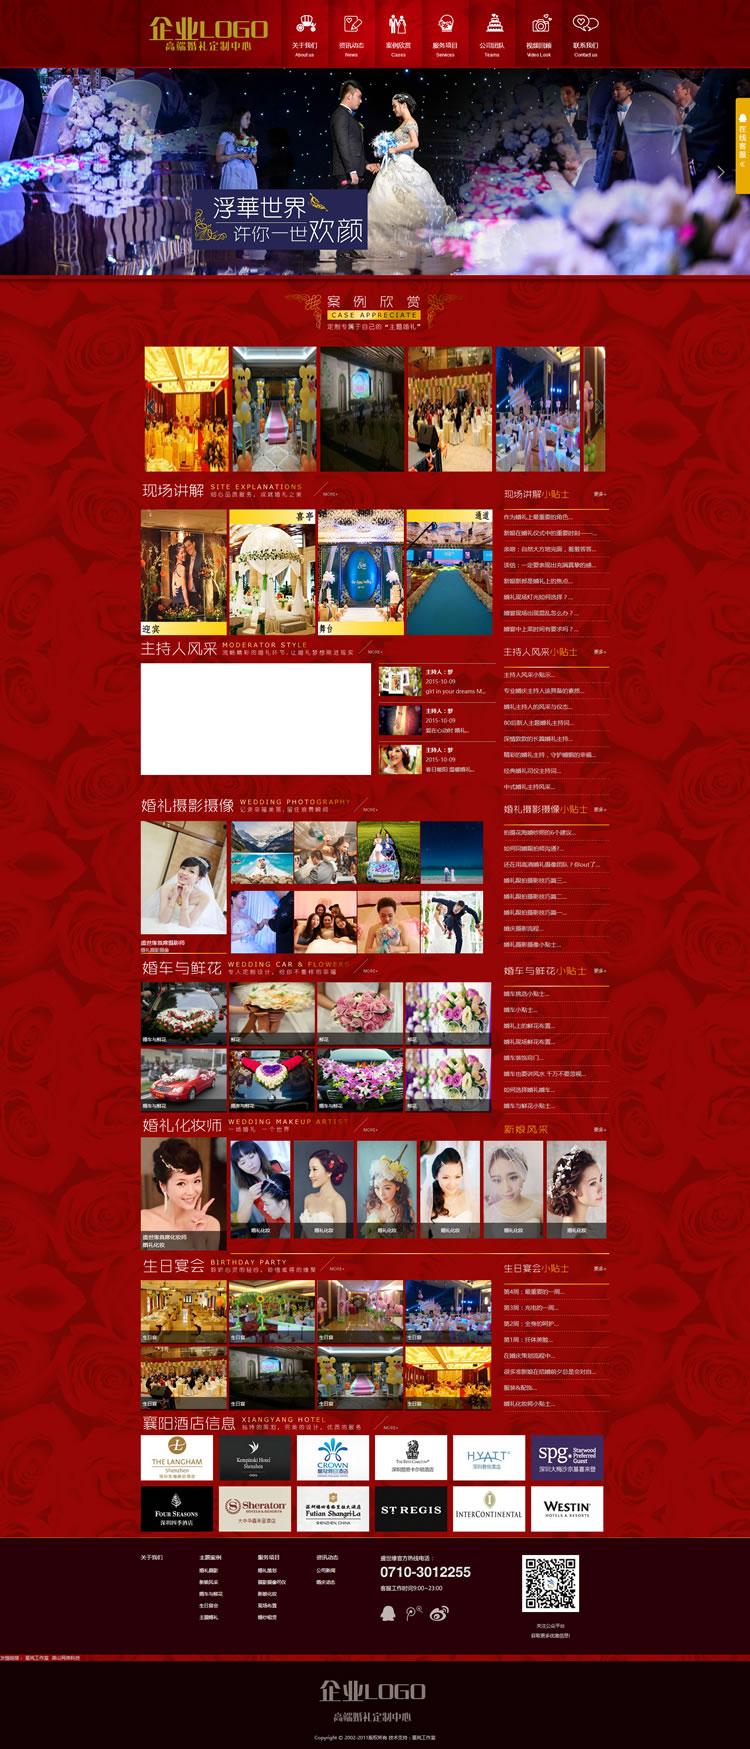 红色大气婚庆婚礼策划公司网站织梦模板.jpg